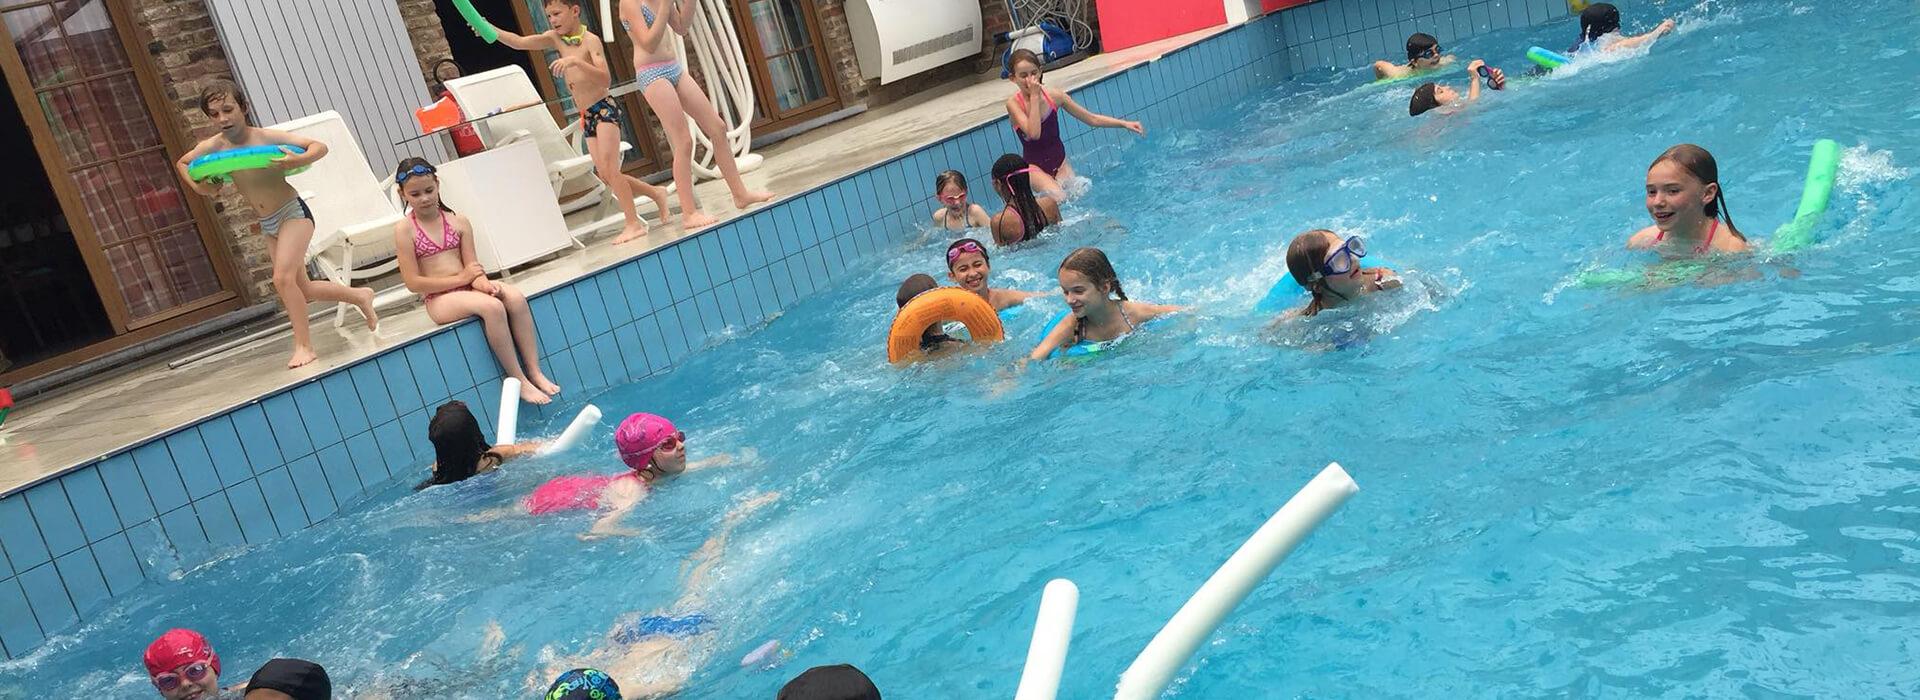 piscine-lapetitebleue-gozee